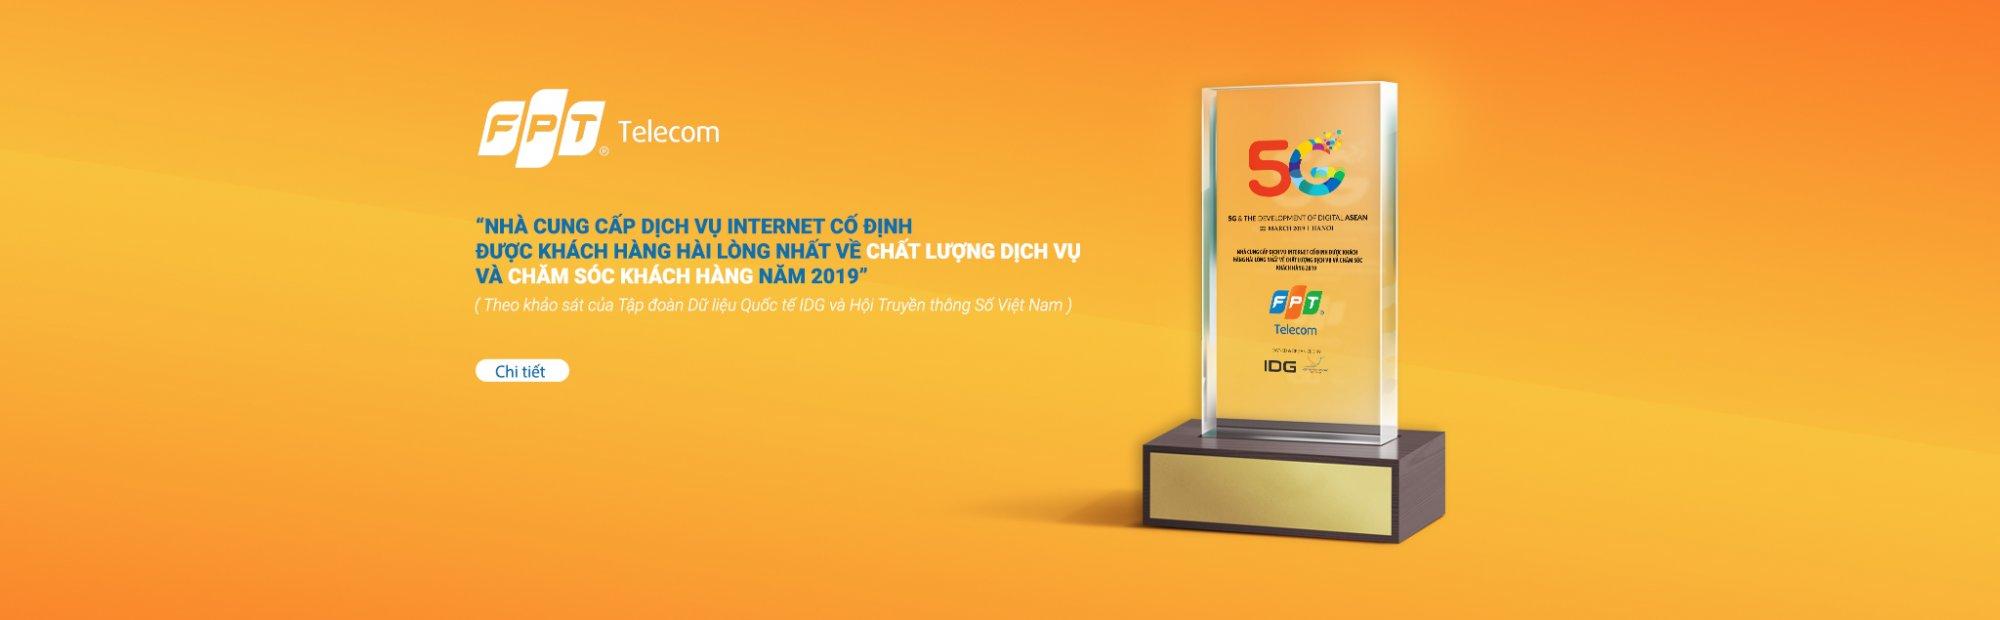 FPT Hải Phòng - Nhà cung cấp dịch vụ internet khách hàng hài lòng nhất